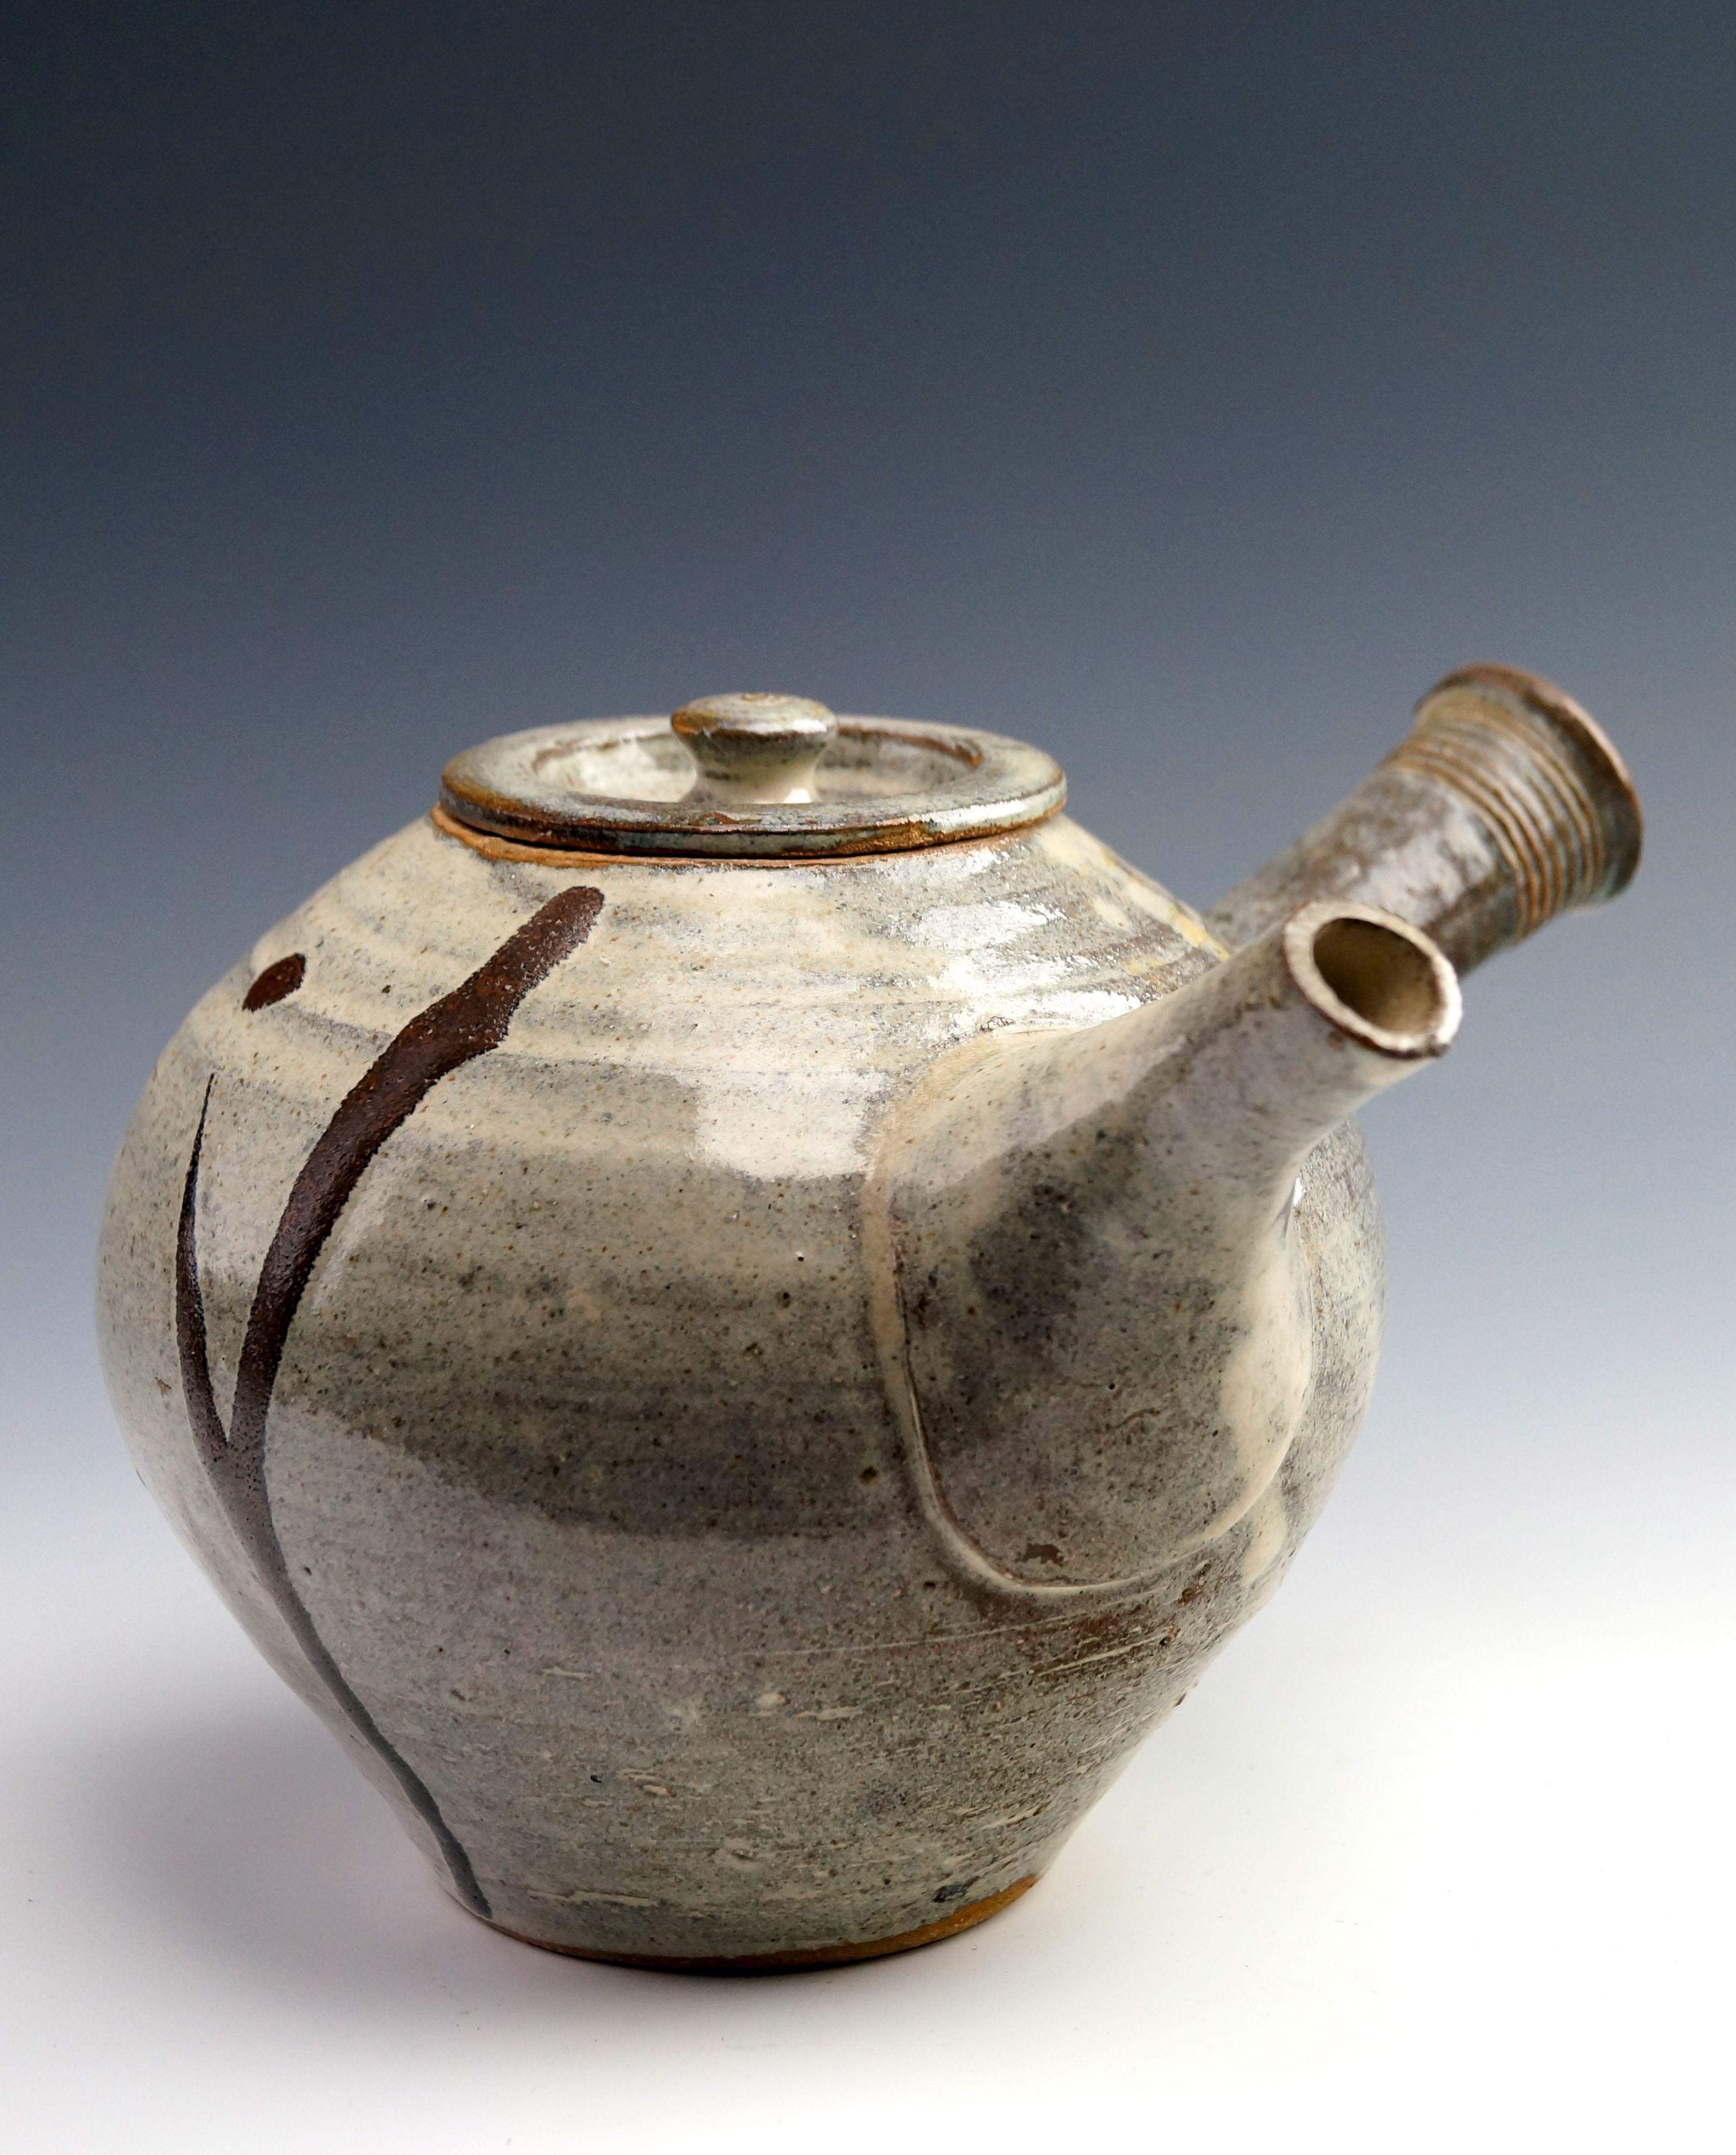 John bedding leach pottery teapot pottery tea pots tea